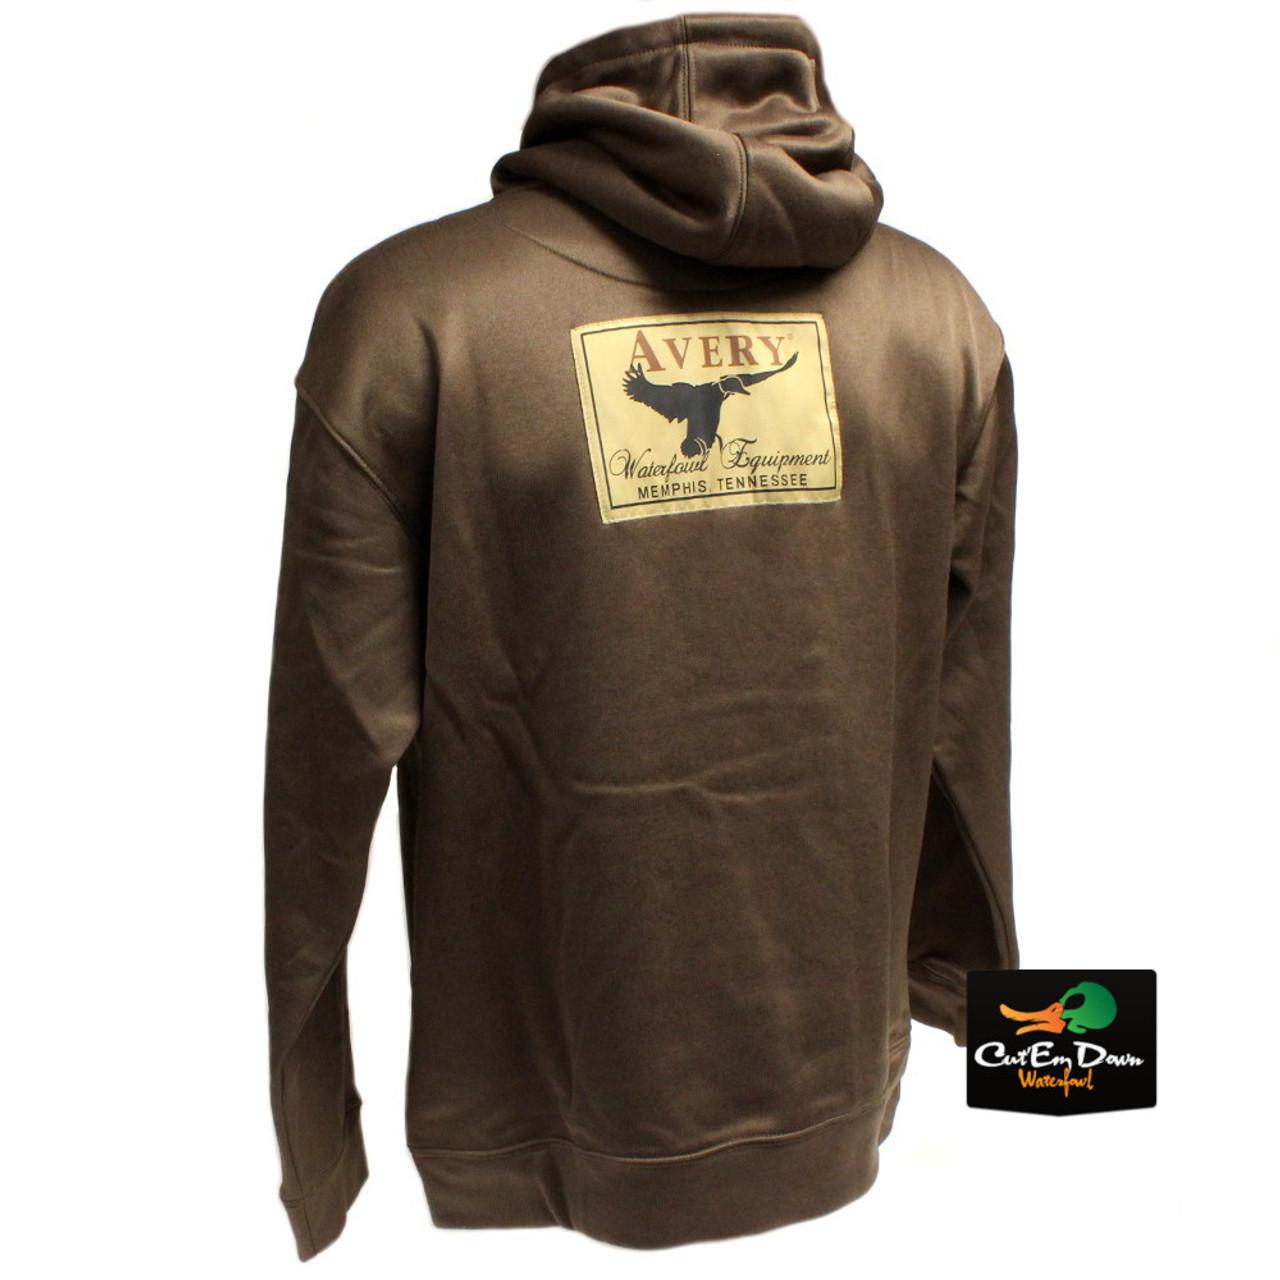 b9ec551f21090 Avery Outdoors Logo Hoodie - Marsh Brown